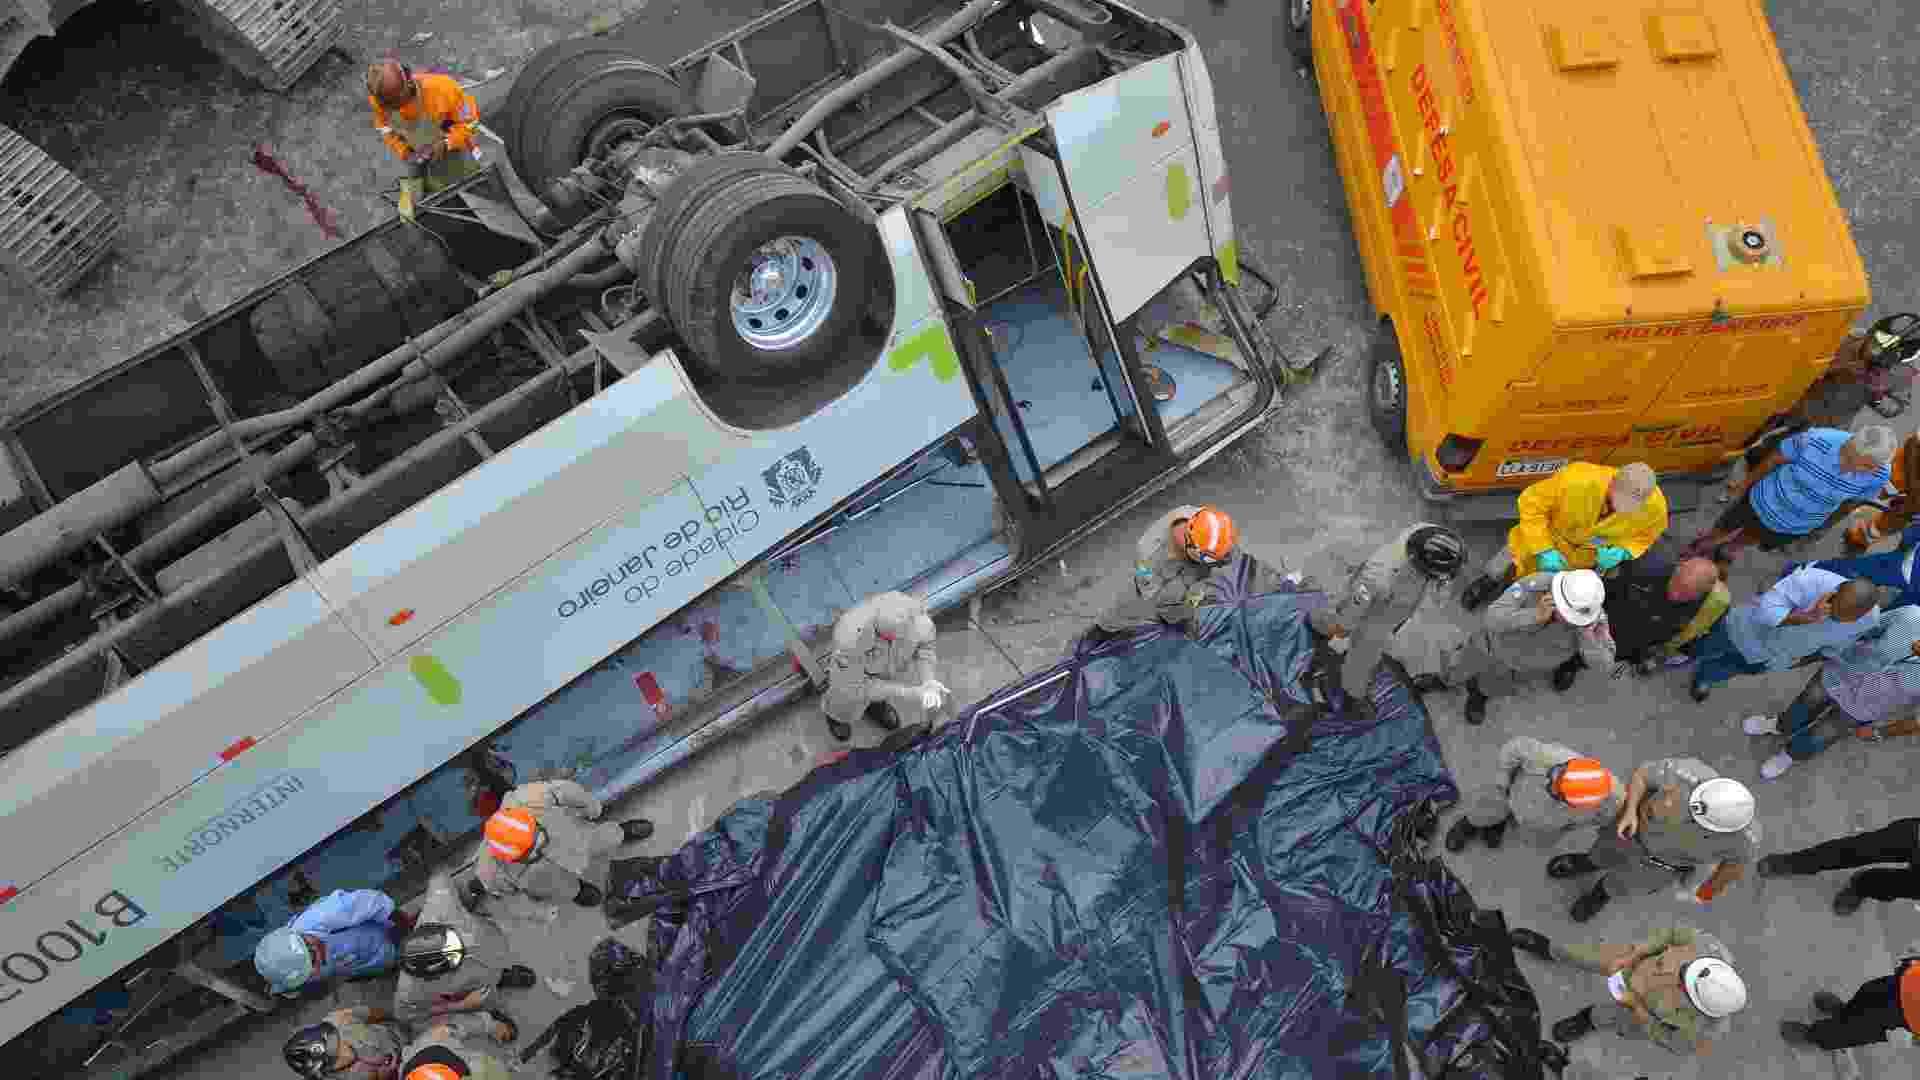 2.abr.2013 - Um micro-ônibus caiu do viaduto Brigadeiro Trompowski na pista lateral da avenida Brasil, no Rio de Janeiro, na tarde desta terça-feira, matando sete pessoas. O Corpo de Bombeiros está no local resgatando as vítimas. Multidão já cerca a avenida. O trânsito está congestionado no local - Bruno de Lima/Frame